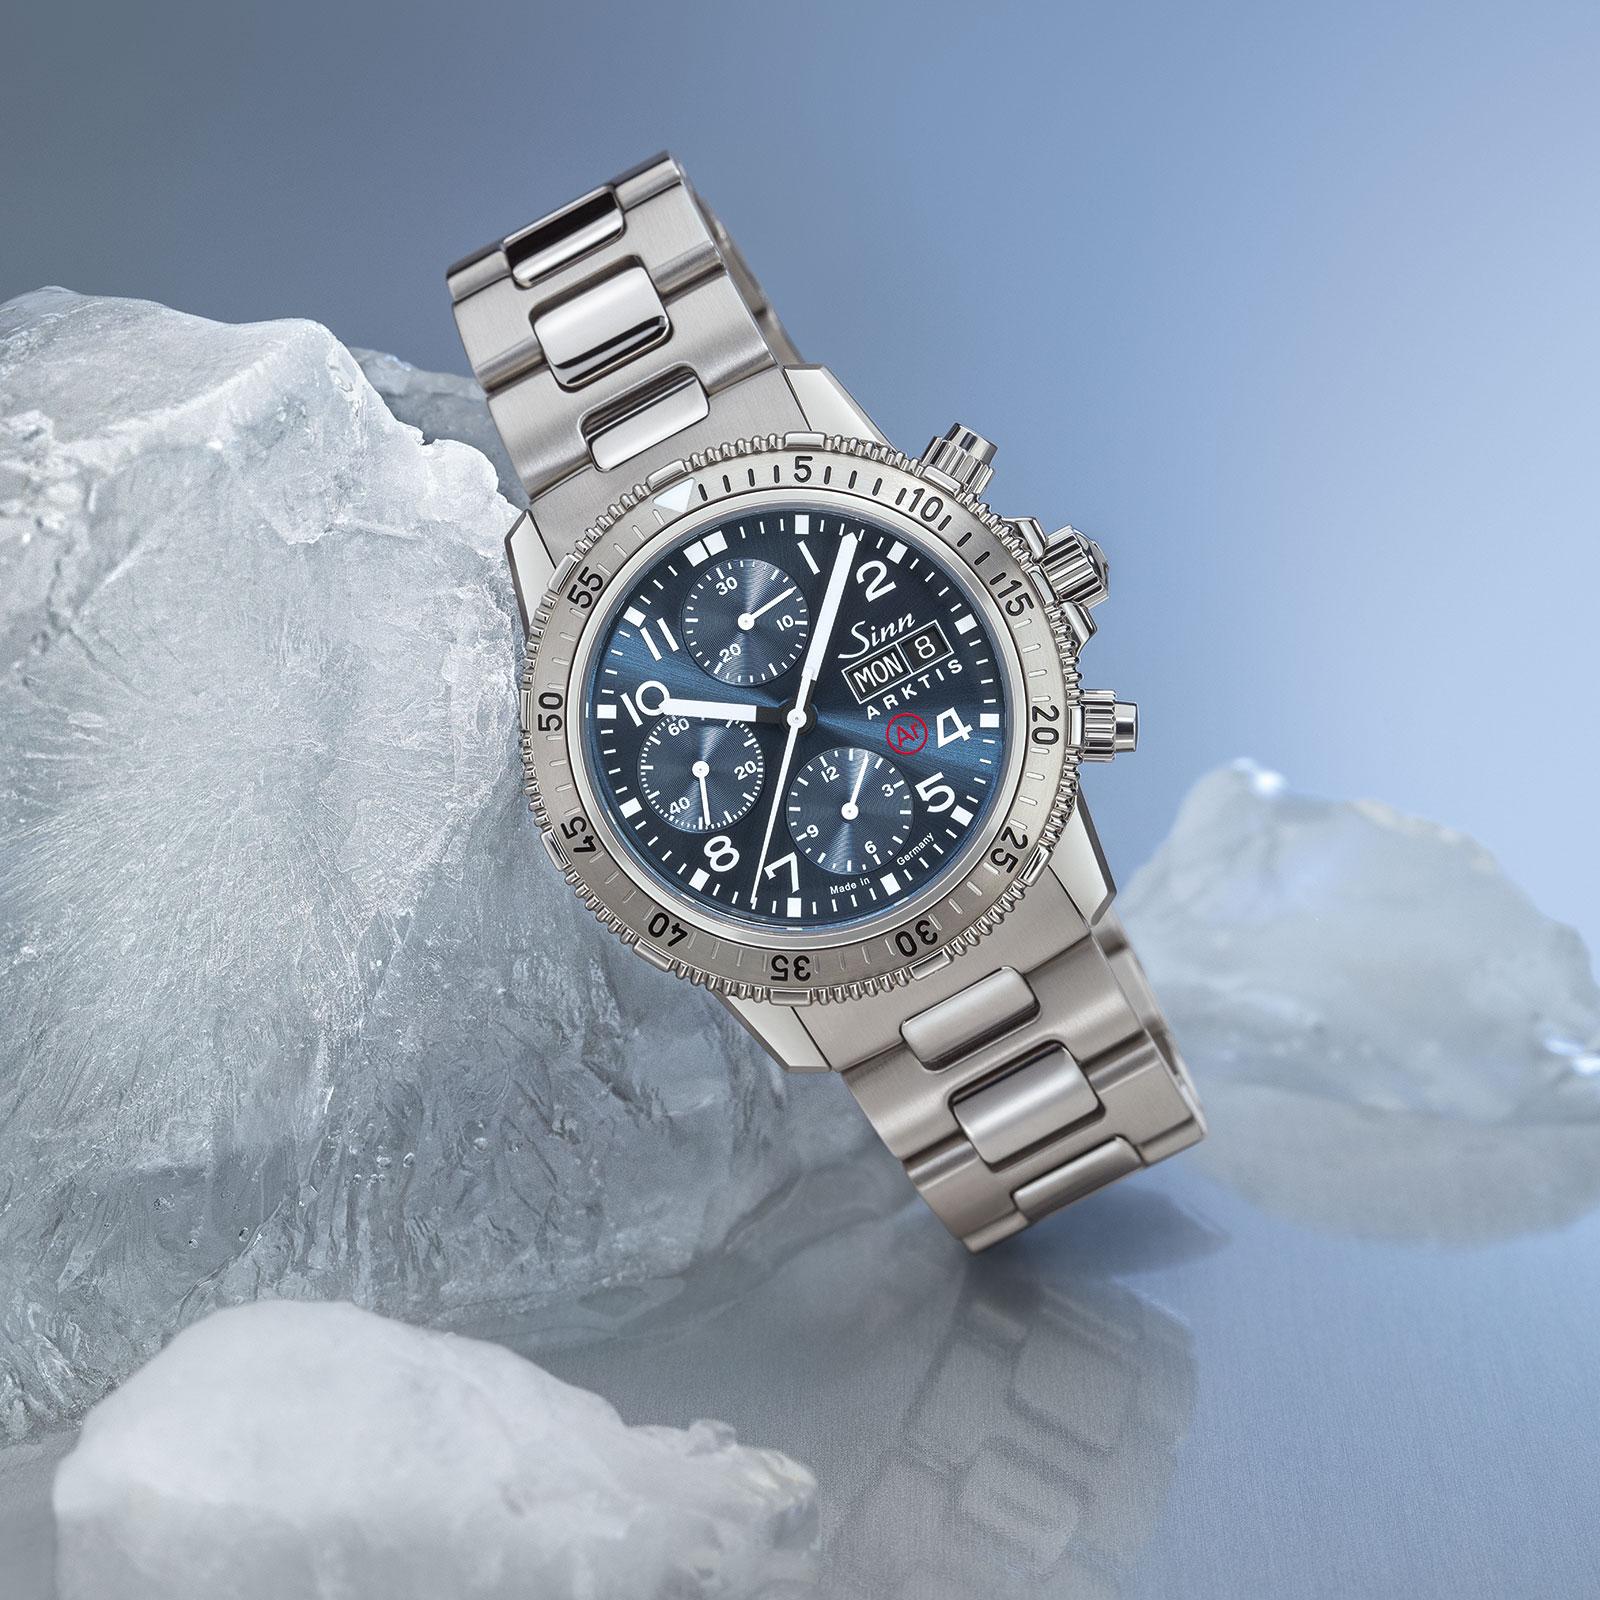 Sinn 206 Arktis II 3